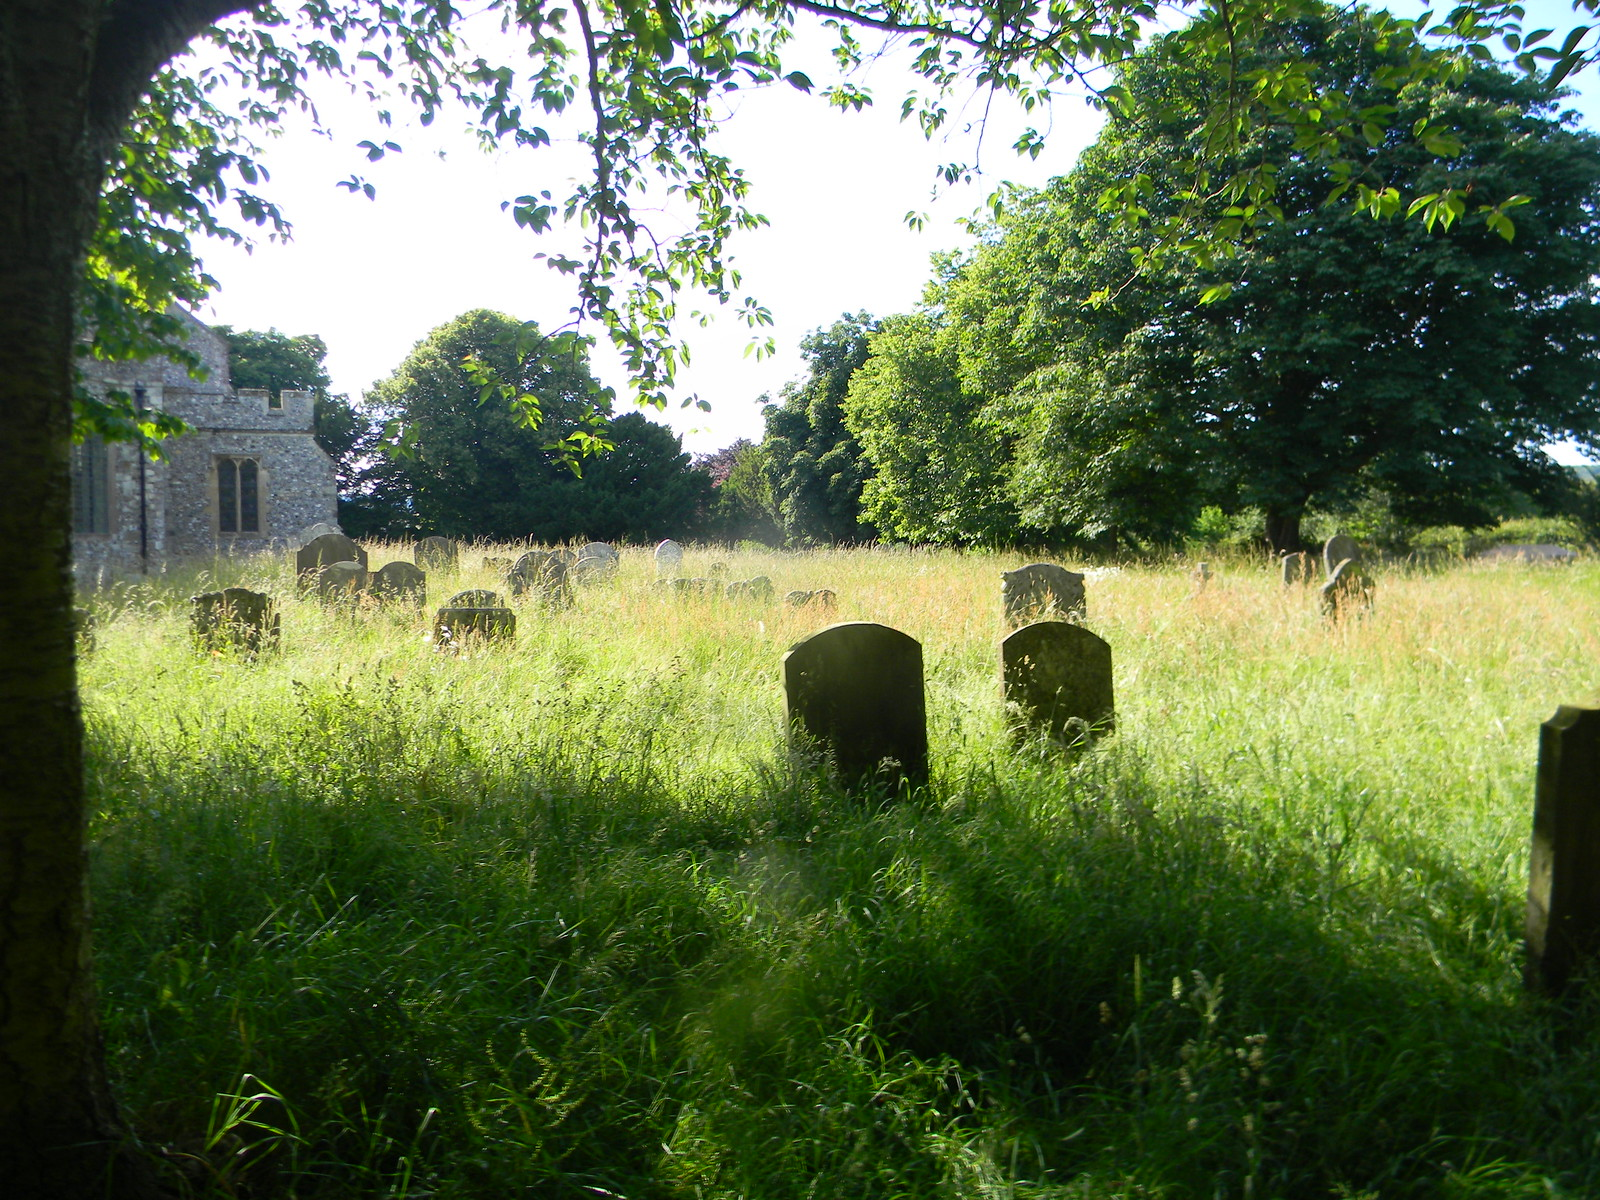 Churchyard, Wye Sandling to Wye